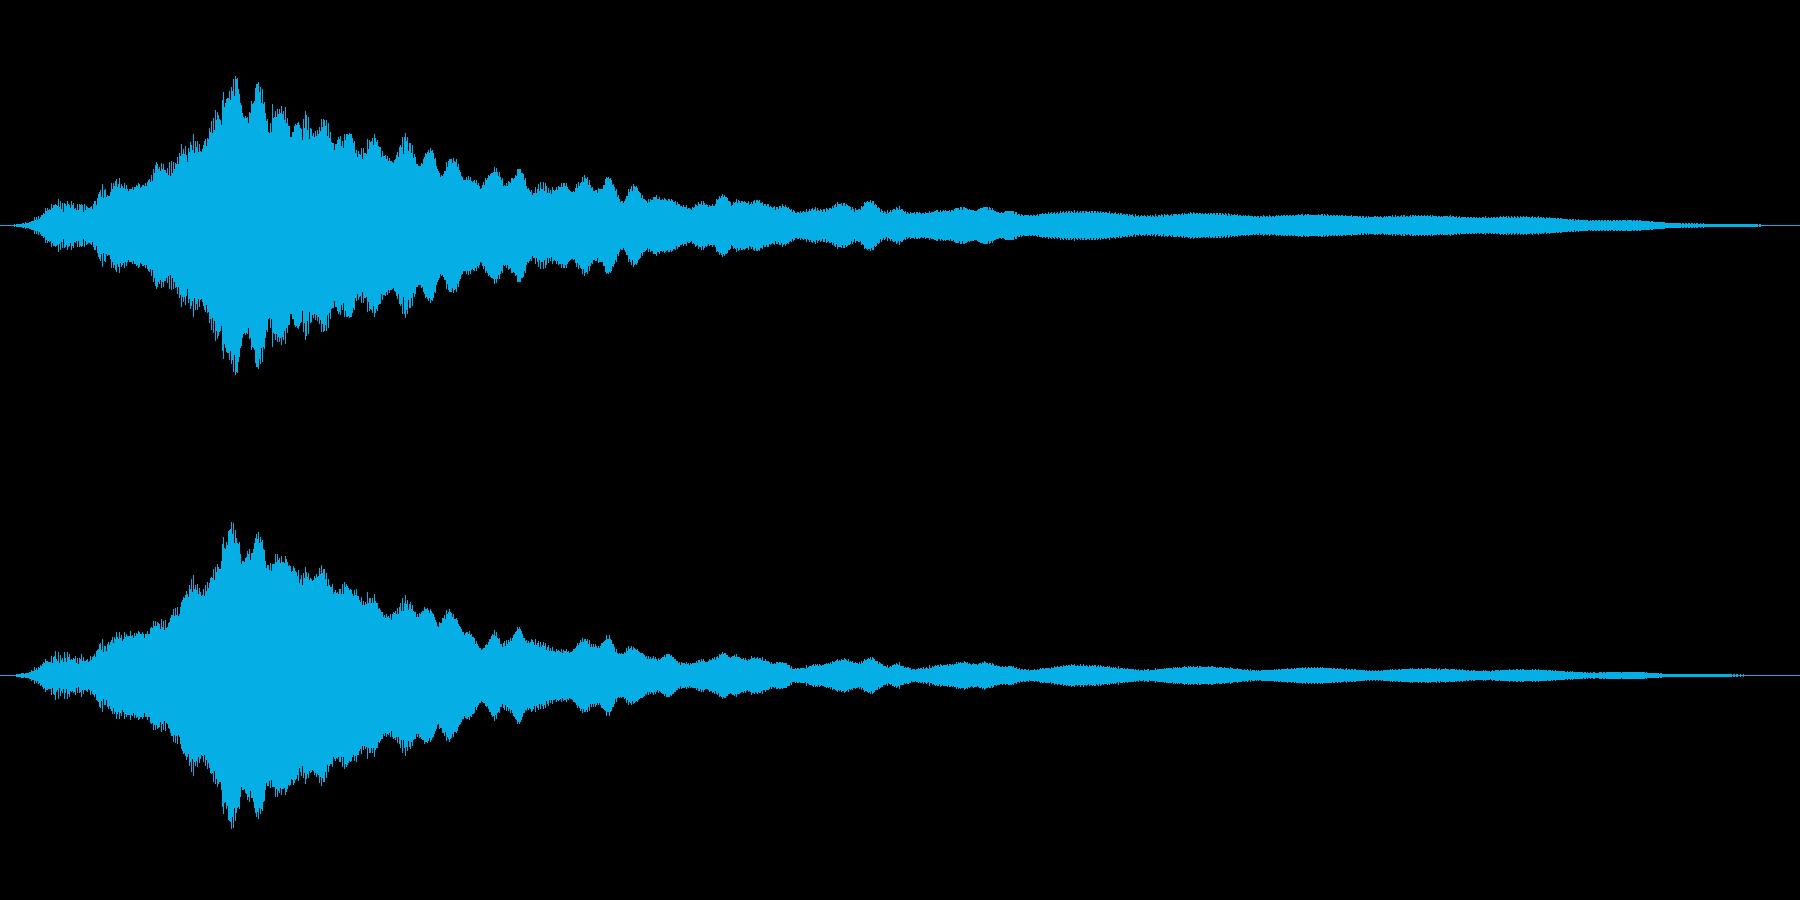 オールドライドシンボルボウCU 5の再生済みの波形